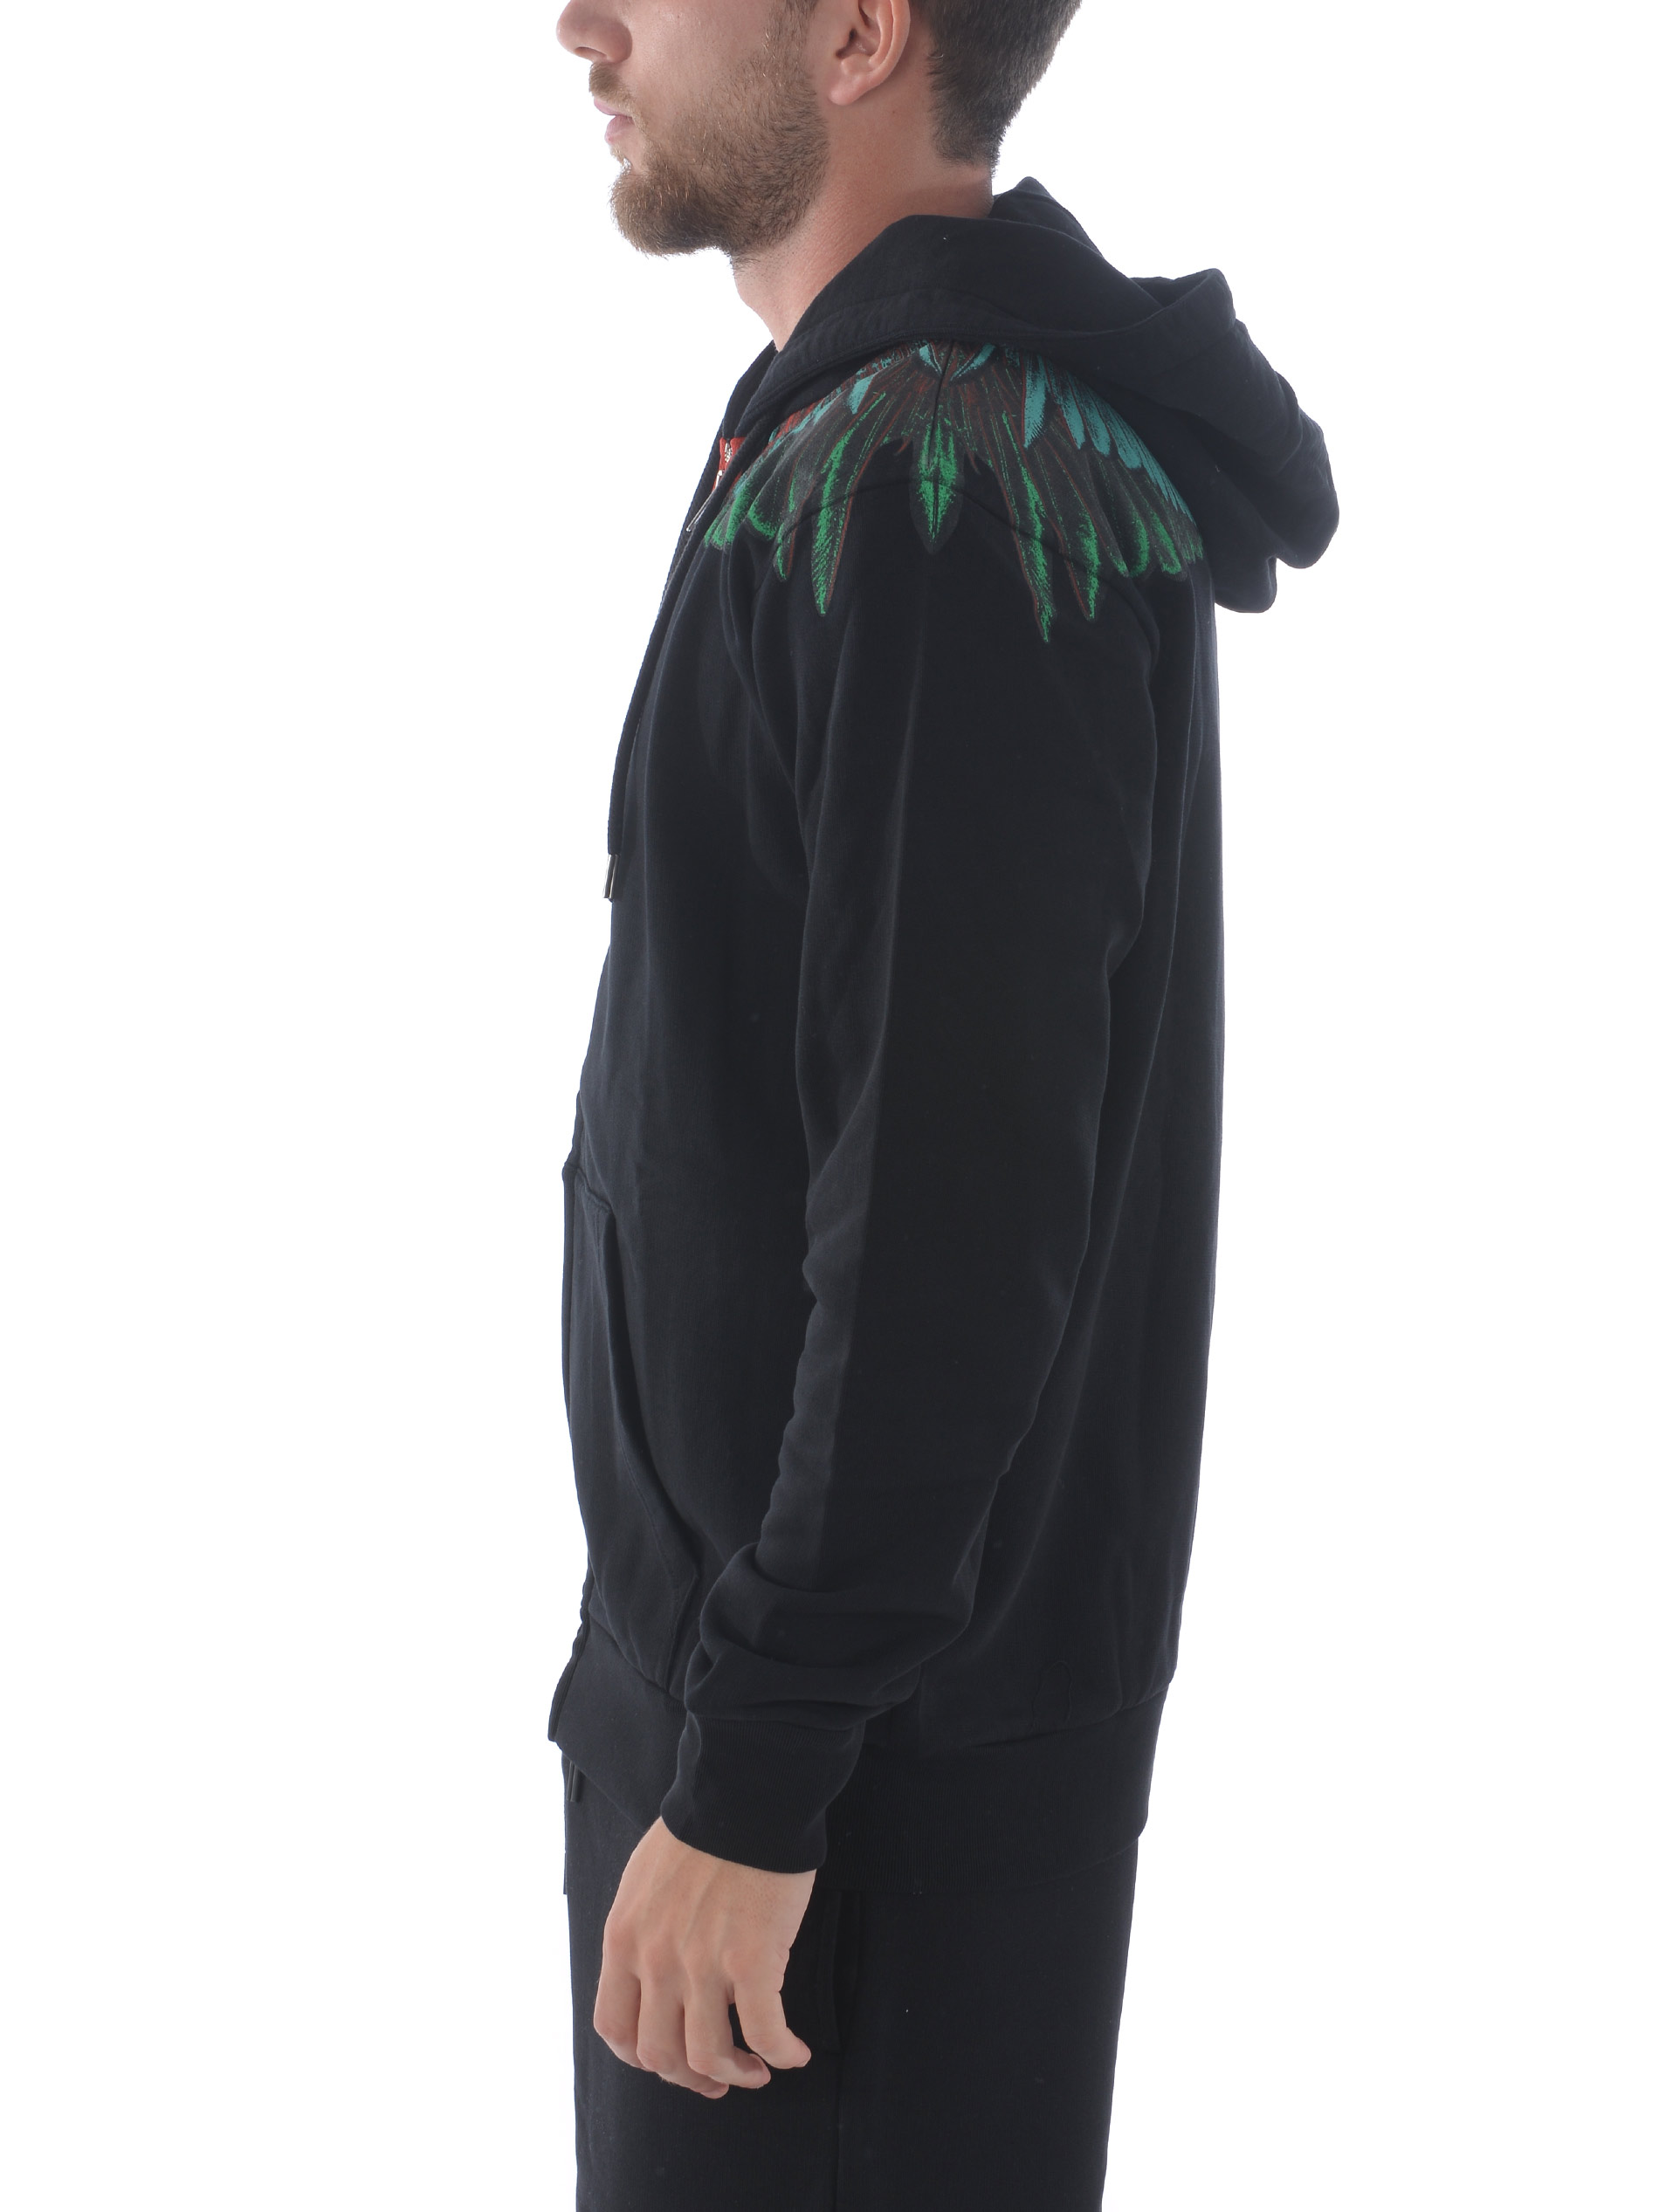 Felpa Marcelo Burlon County of Milan green wings zipped hoodie MARCELO BURLON | 10000005 | CMBE001R20FLE0021055